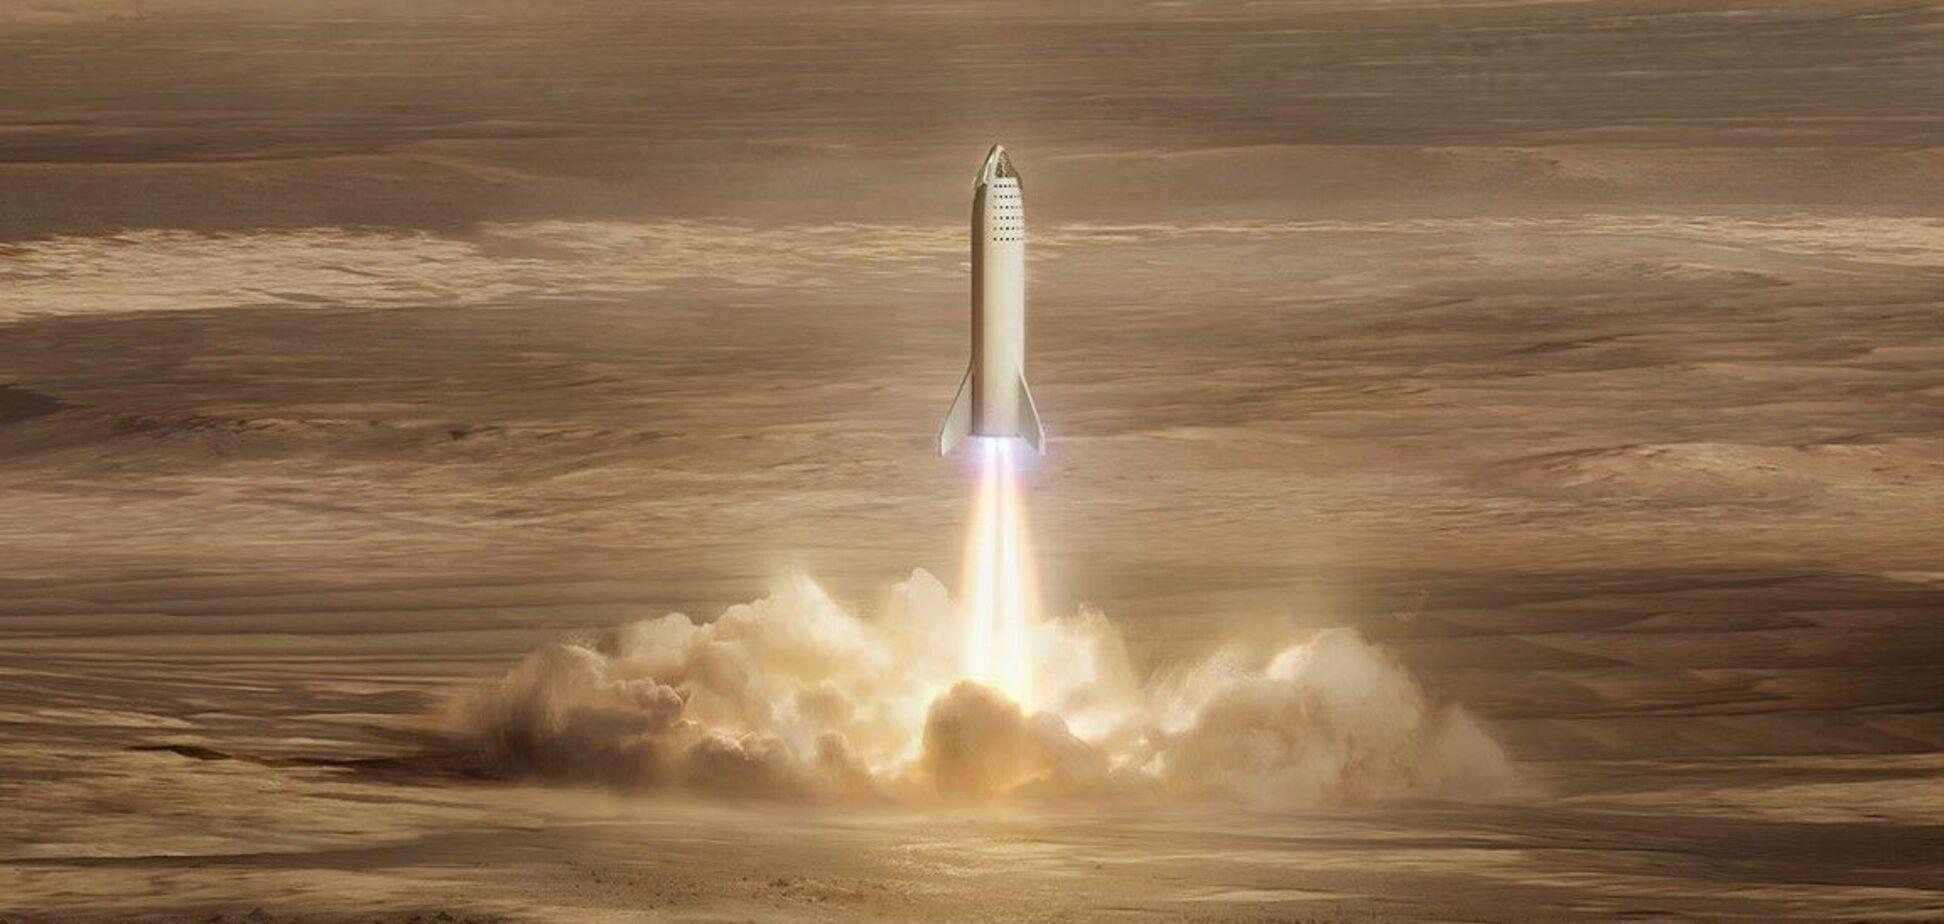 Маск анонсировал полеты на Марс задолго до 2030 года